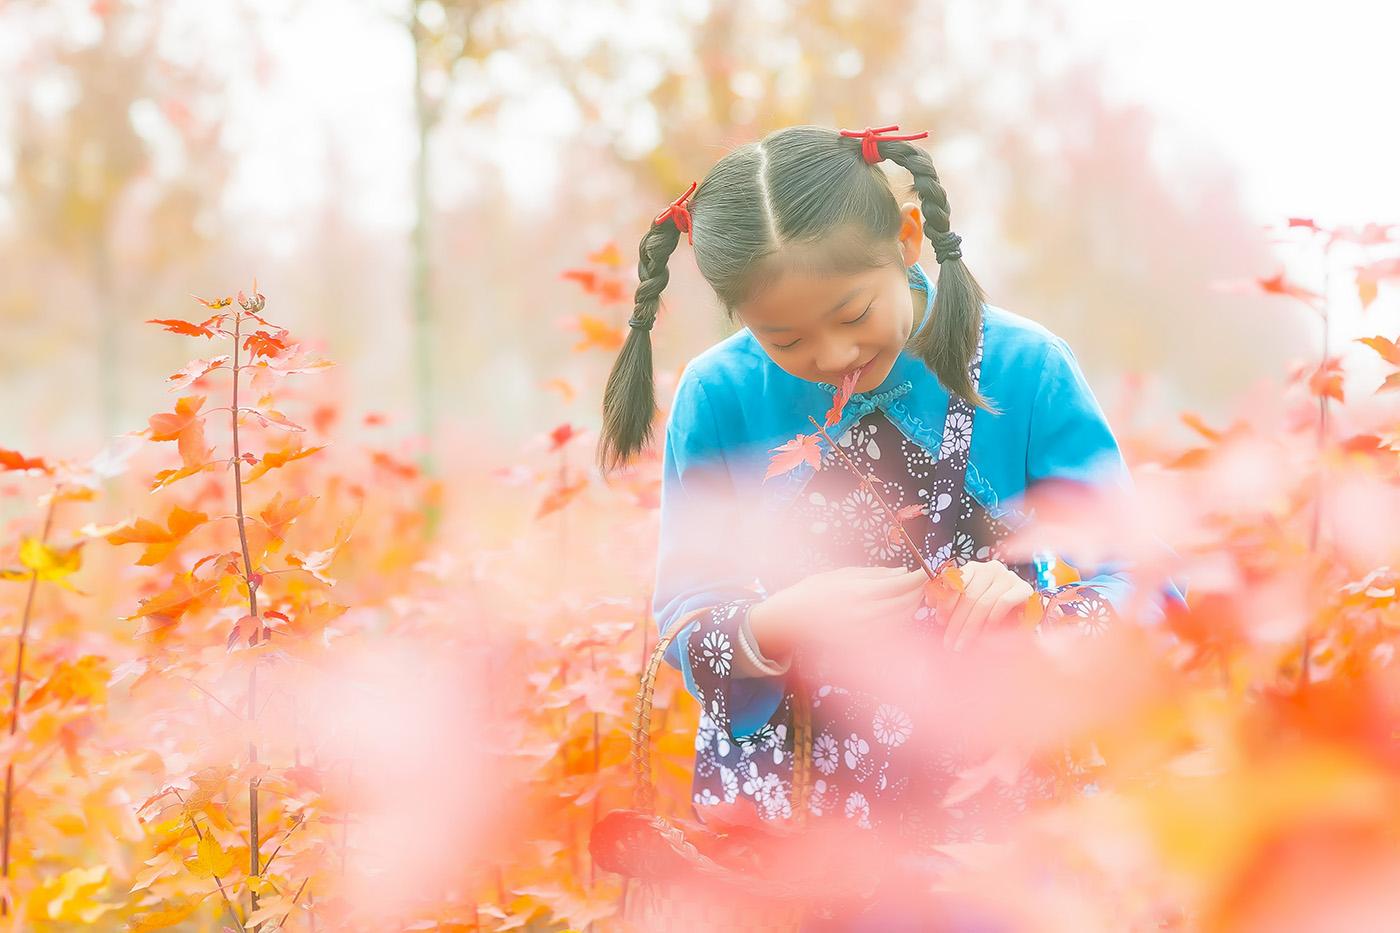 沂蒙山区竟然有这么一片童话般的树林 沂蒙小精灵火红的童年来袭 ..._图1-5